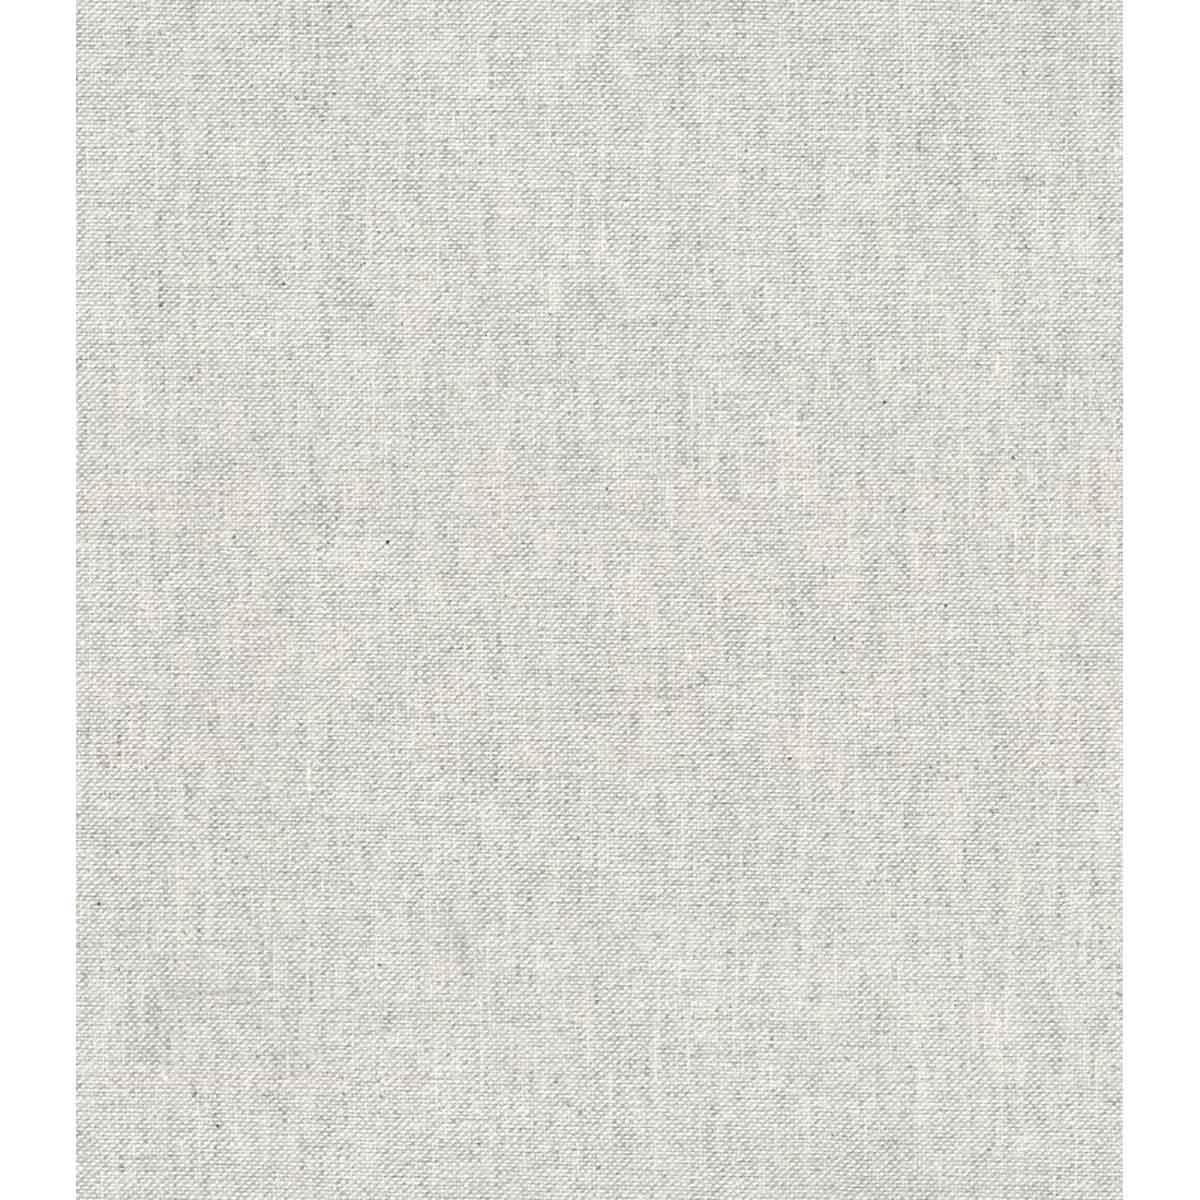 Tissu uni et chiné - Gris Perle - 2.8 m